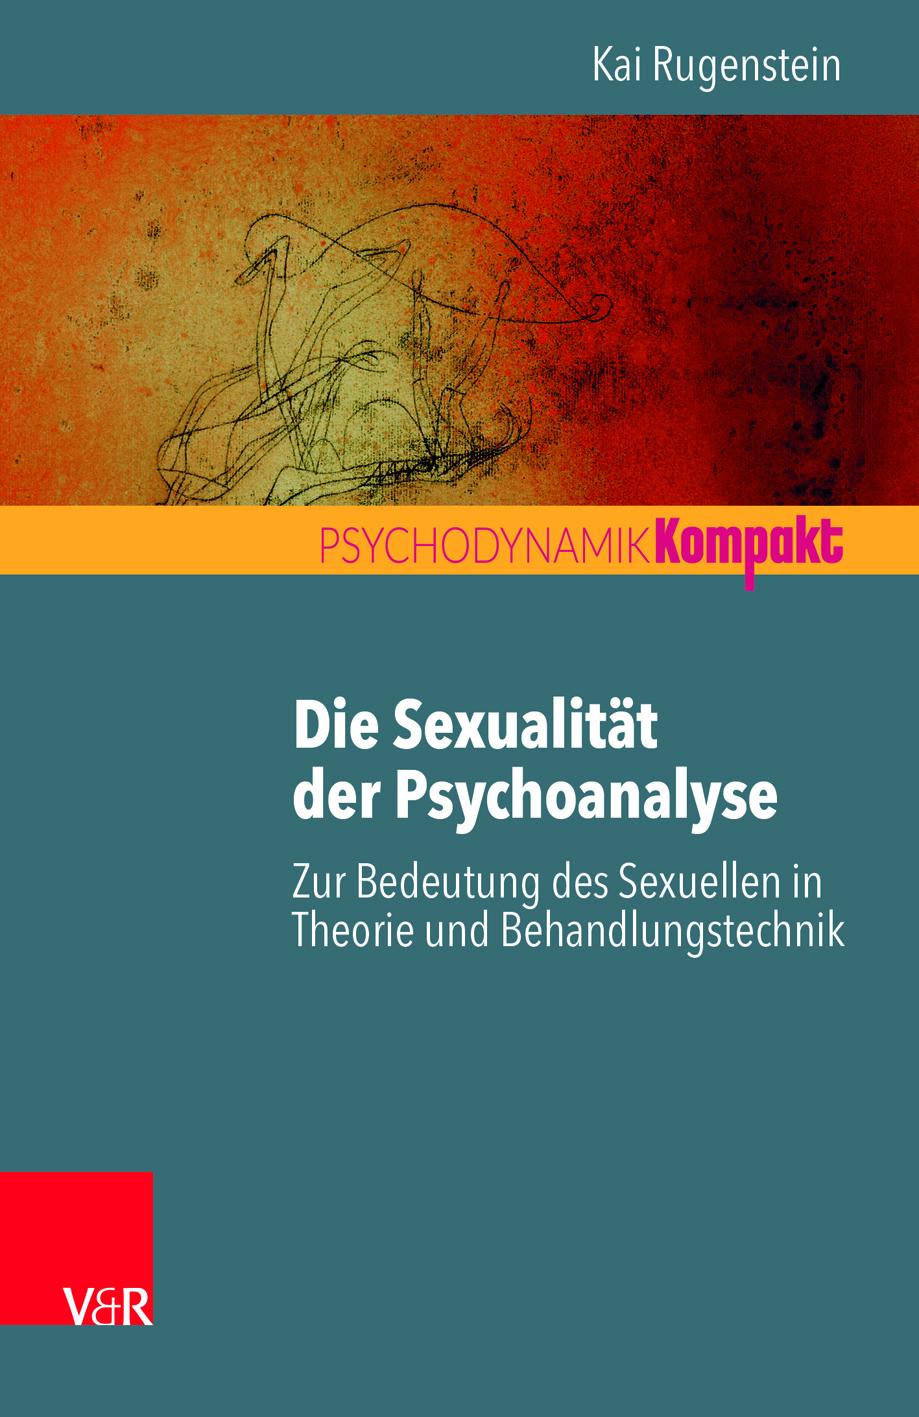 Die Sexualität der Psychoanalyse